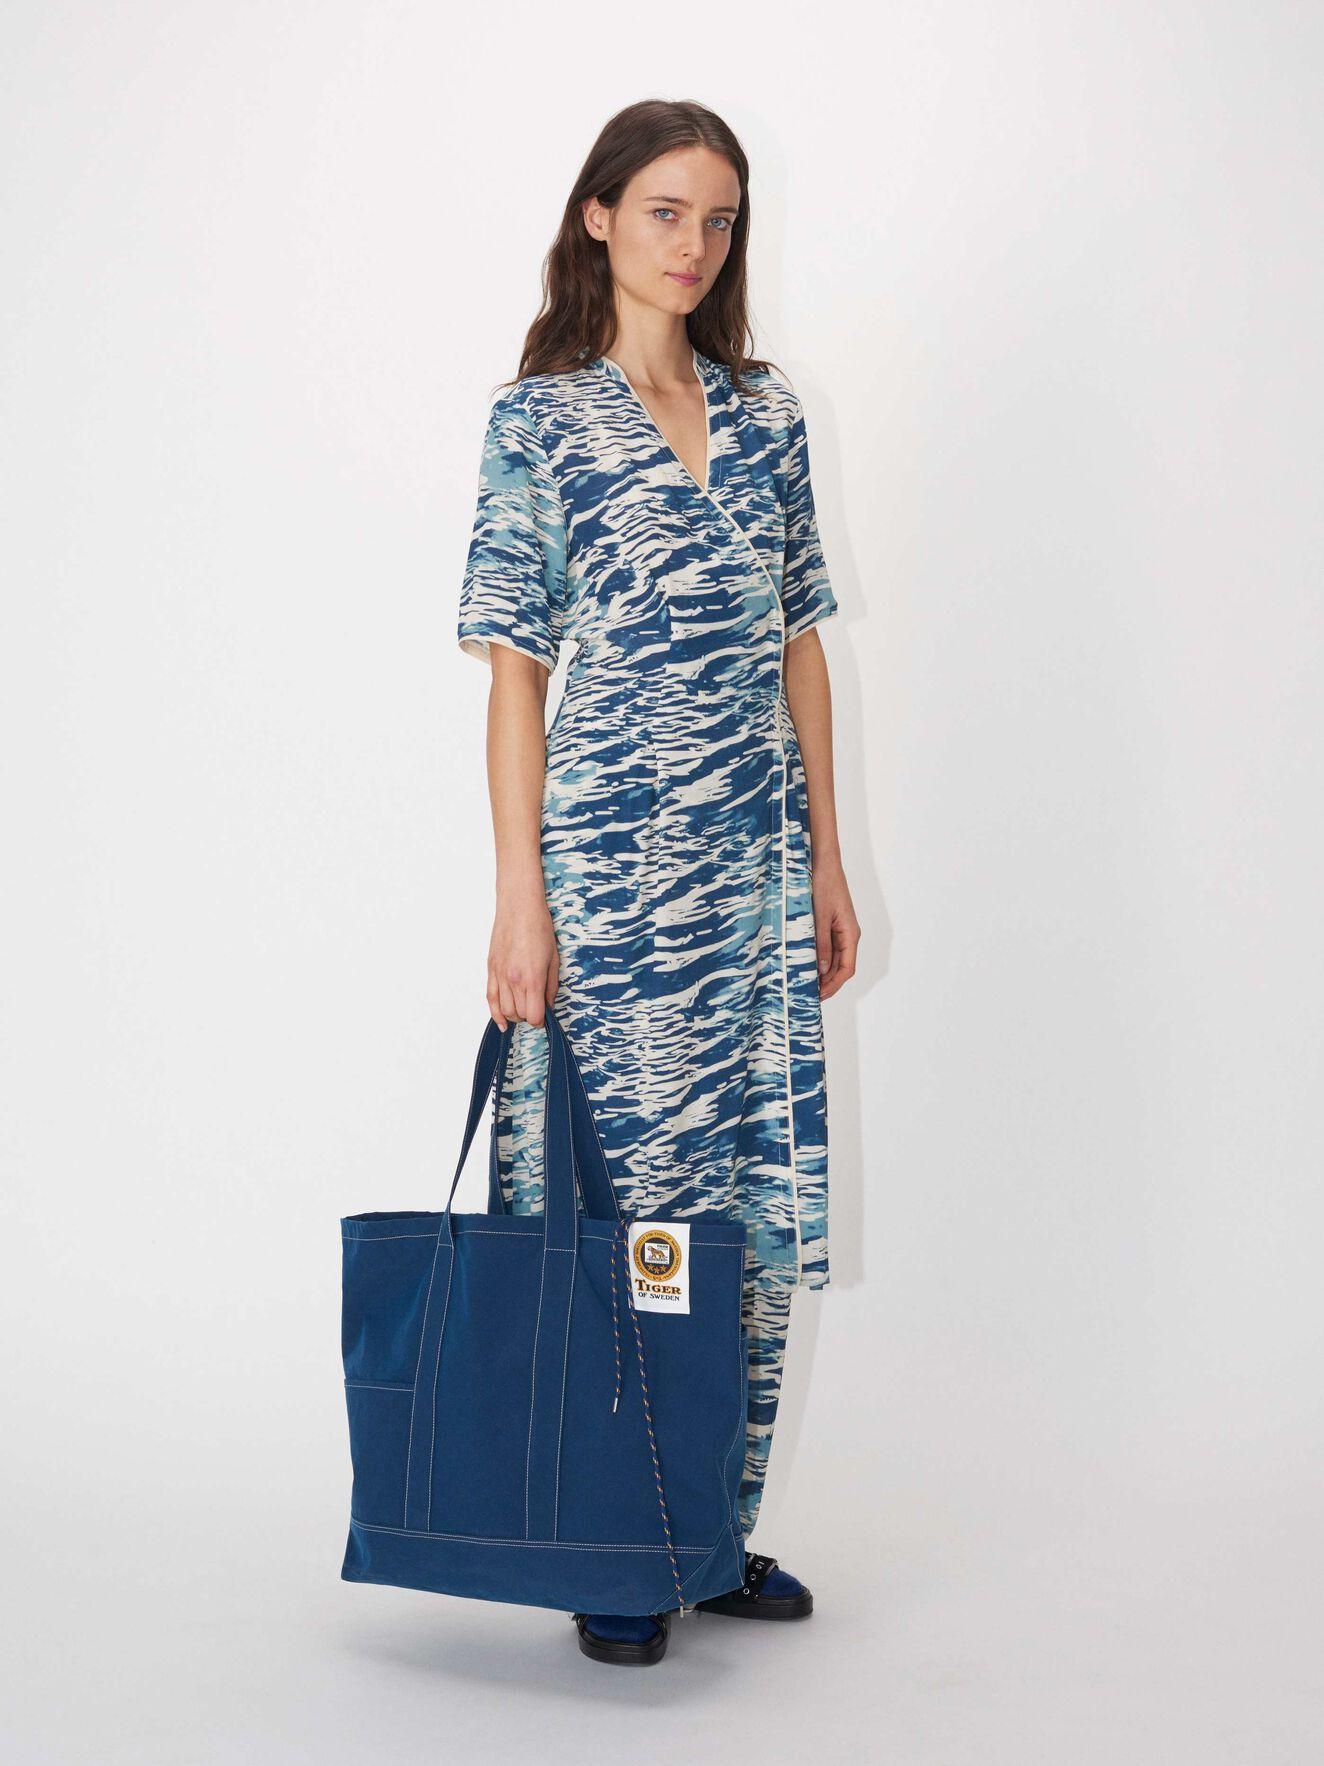 4ad429ca30c5 Kjoler - Shop kjoler til dag og fest online hos Tiger of Sweden